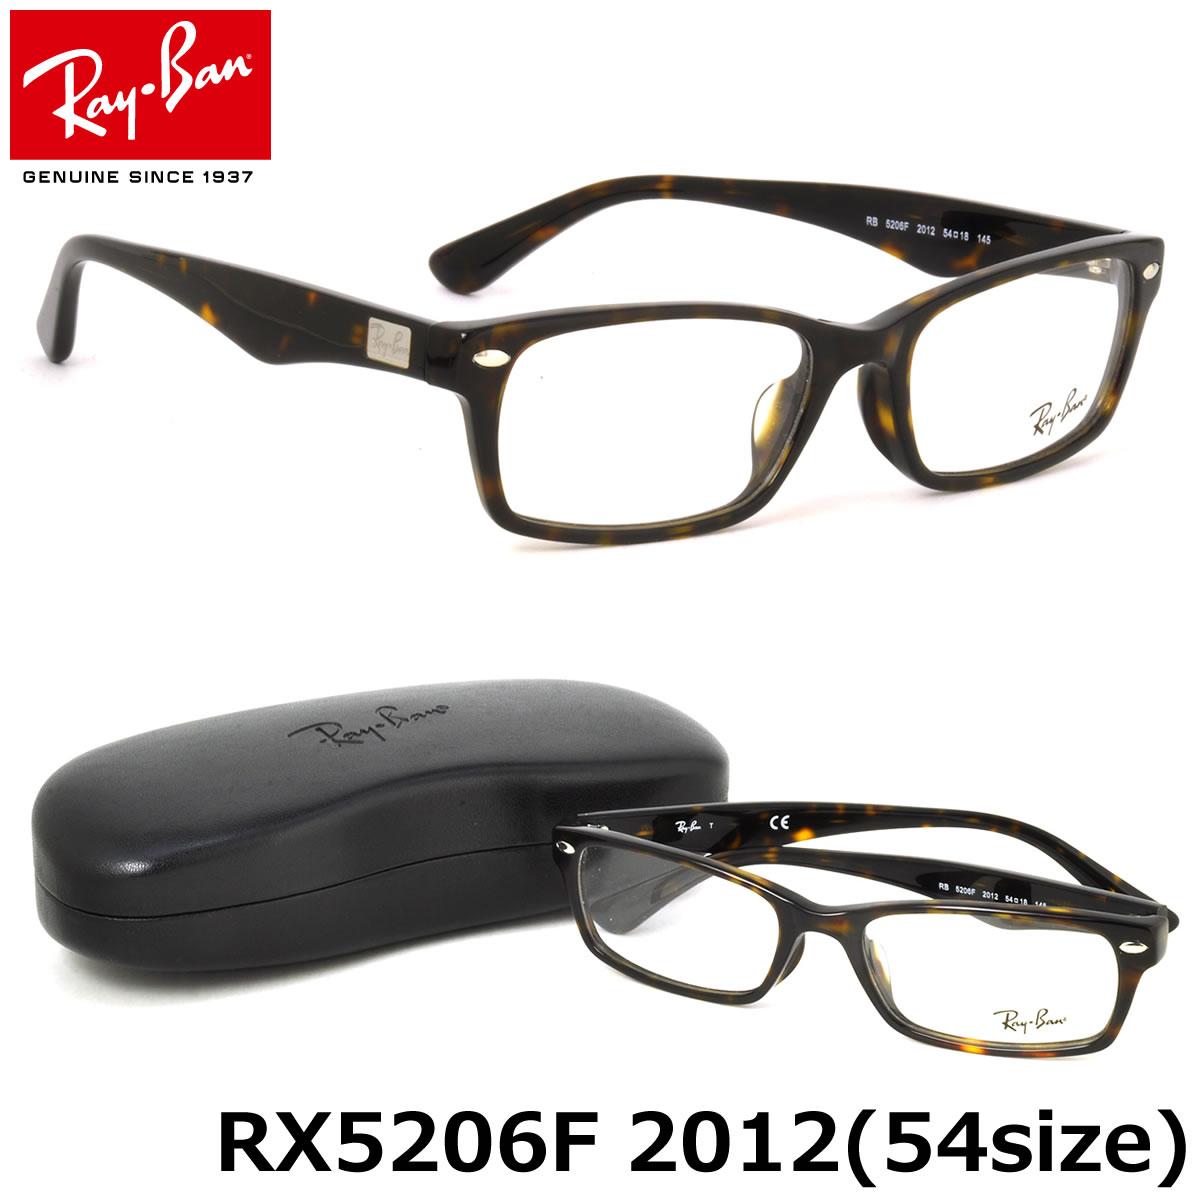 ほぼ全品ポイント15倍~最大43倍+3倍!お得なクーポンも! レイバン メガネ フレーム Ray-Ban RX5206F 2012 54サイズ レクタングル レイバン RAYBAN メンズ レディース